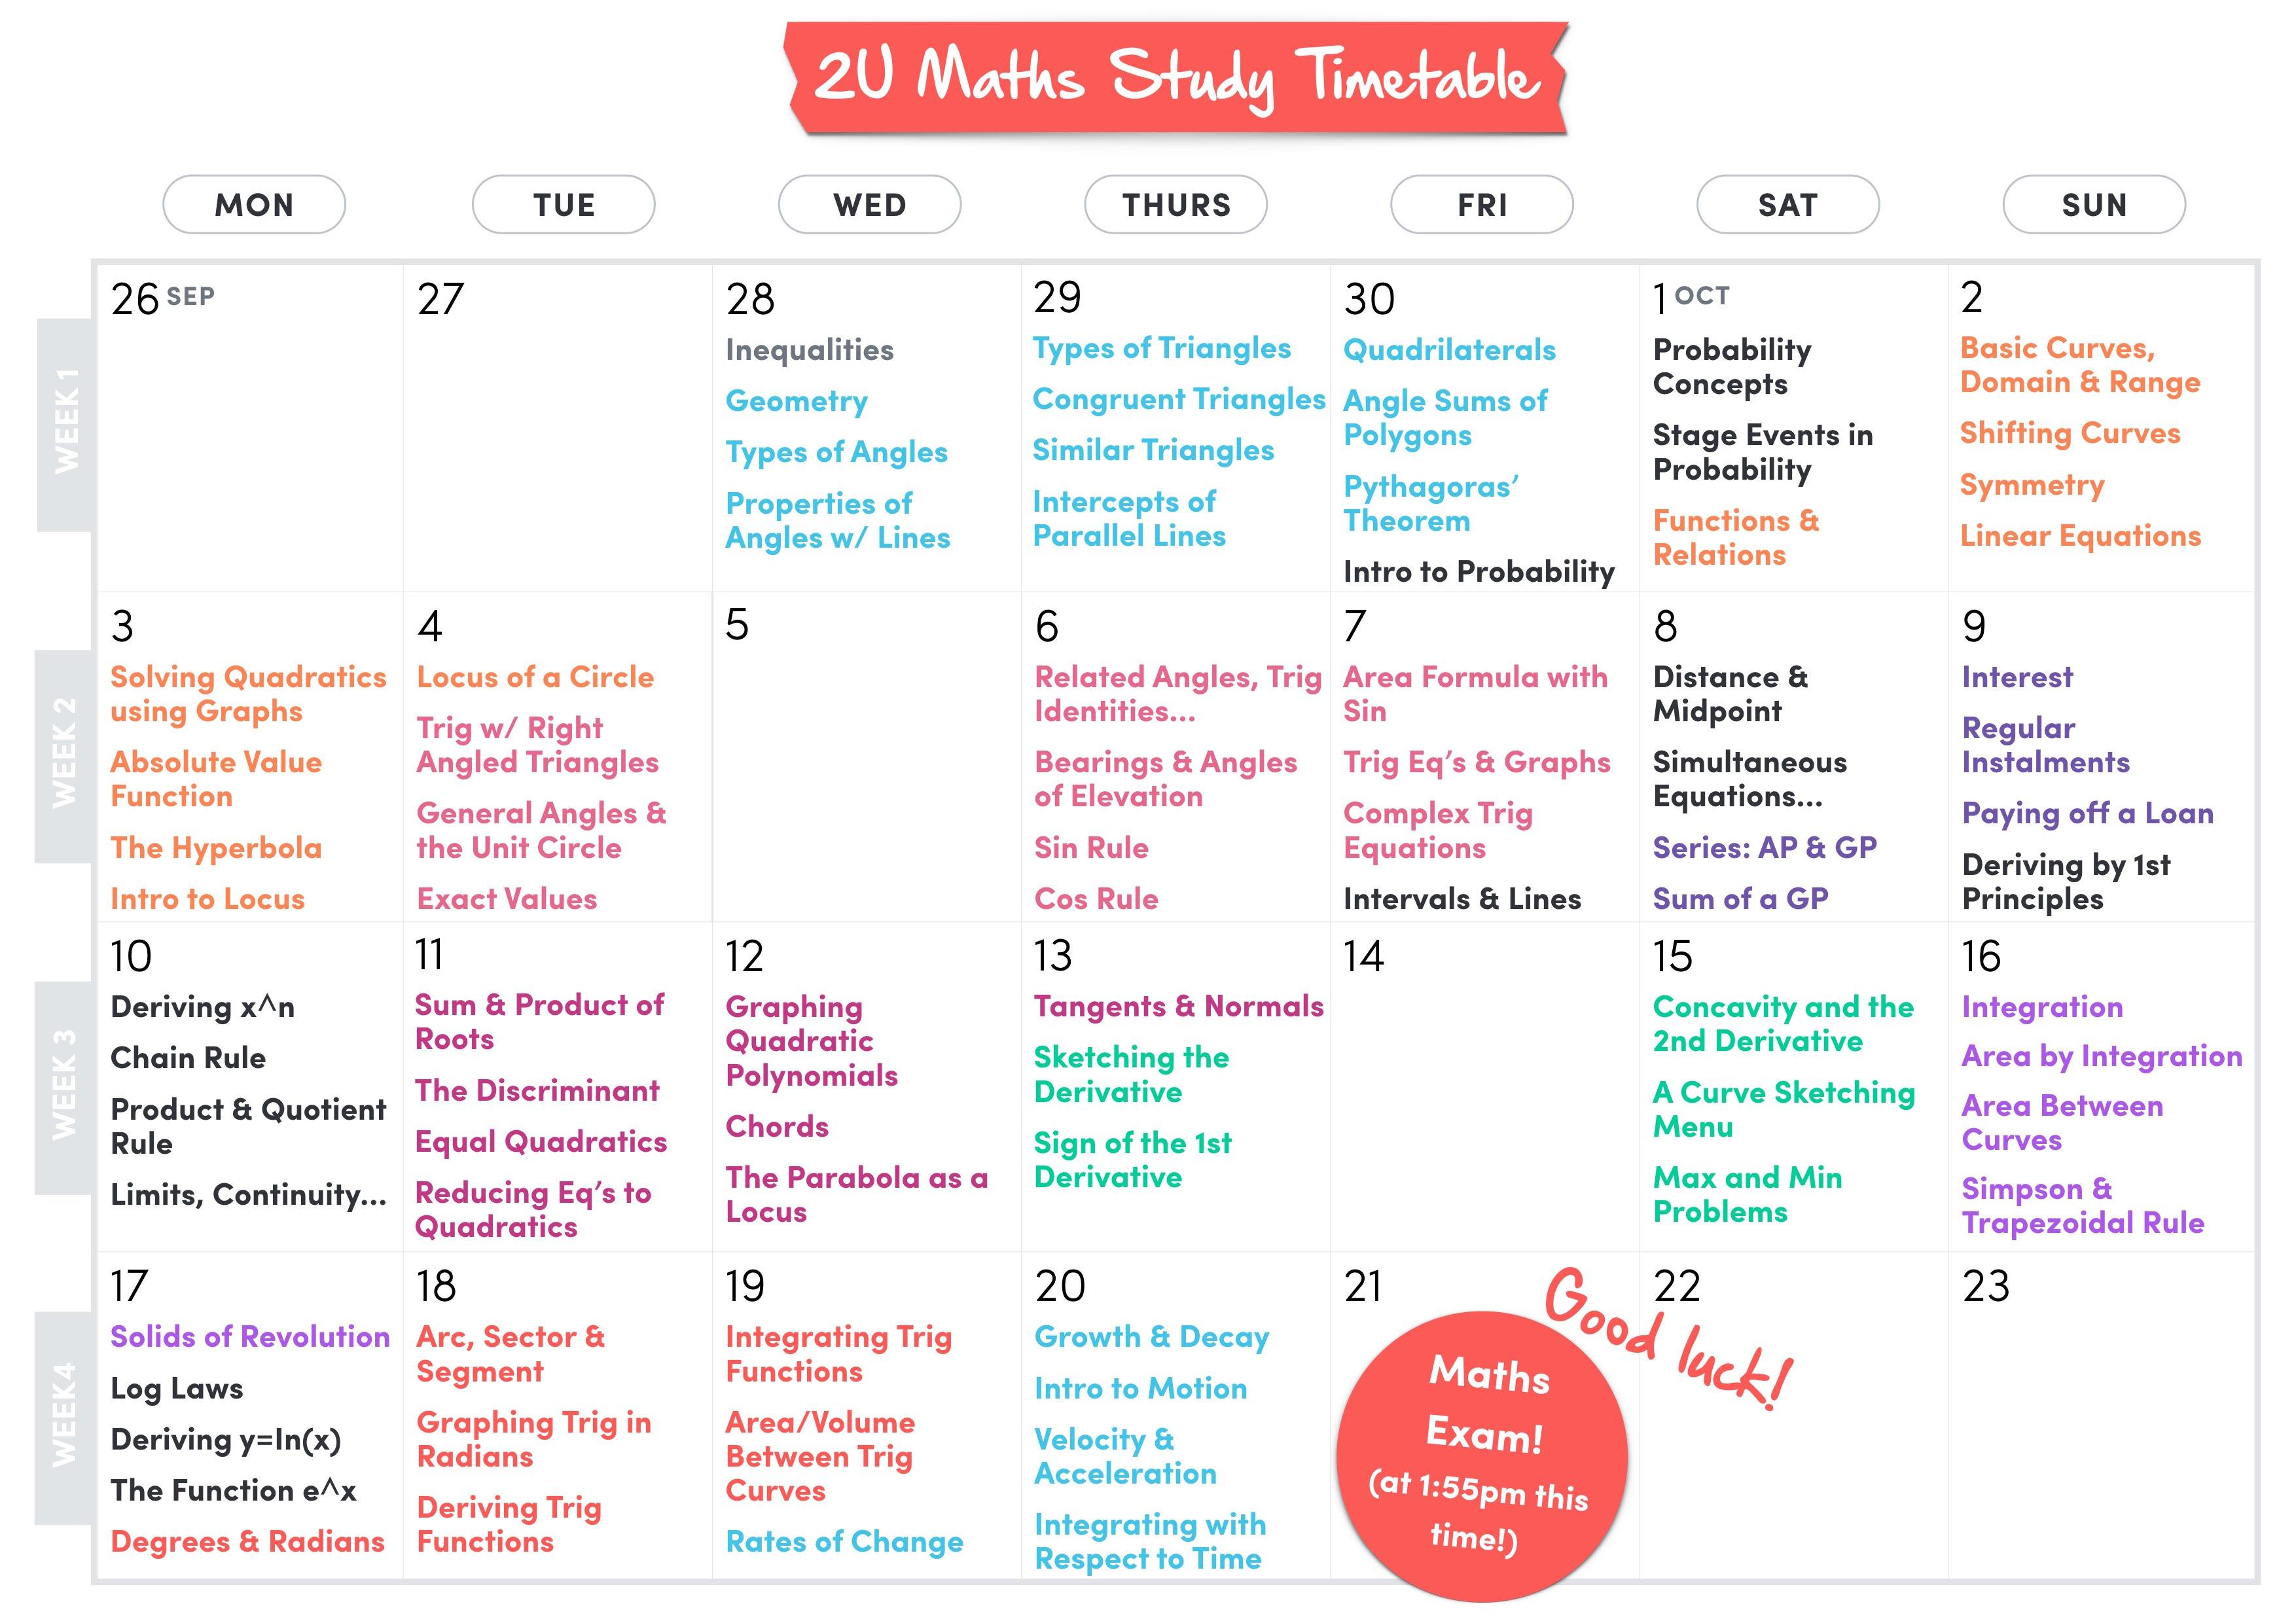 Study Timetable | 2u Maths Study Timetable 2016